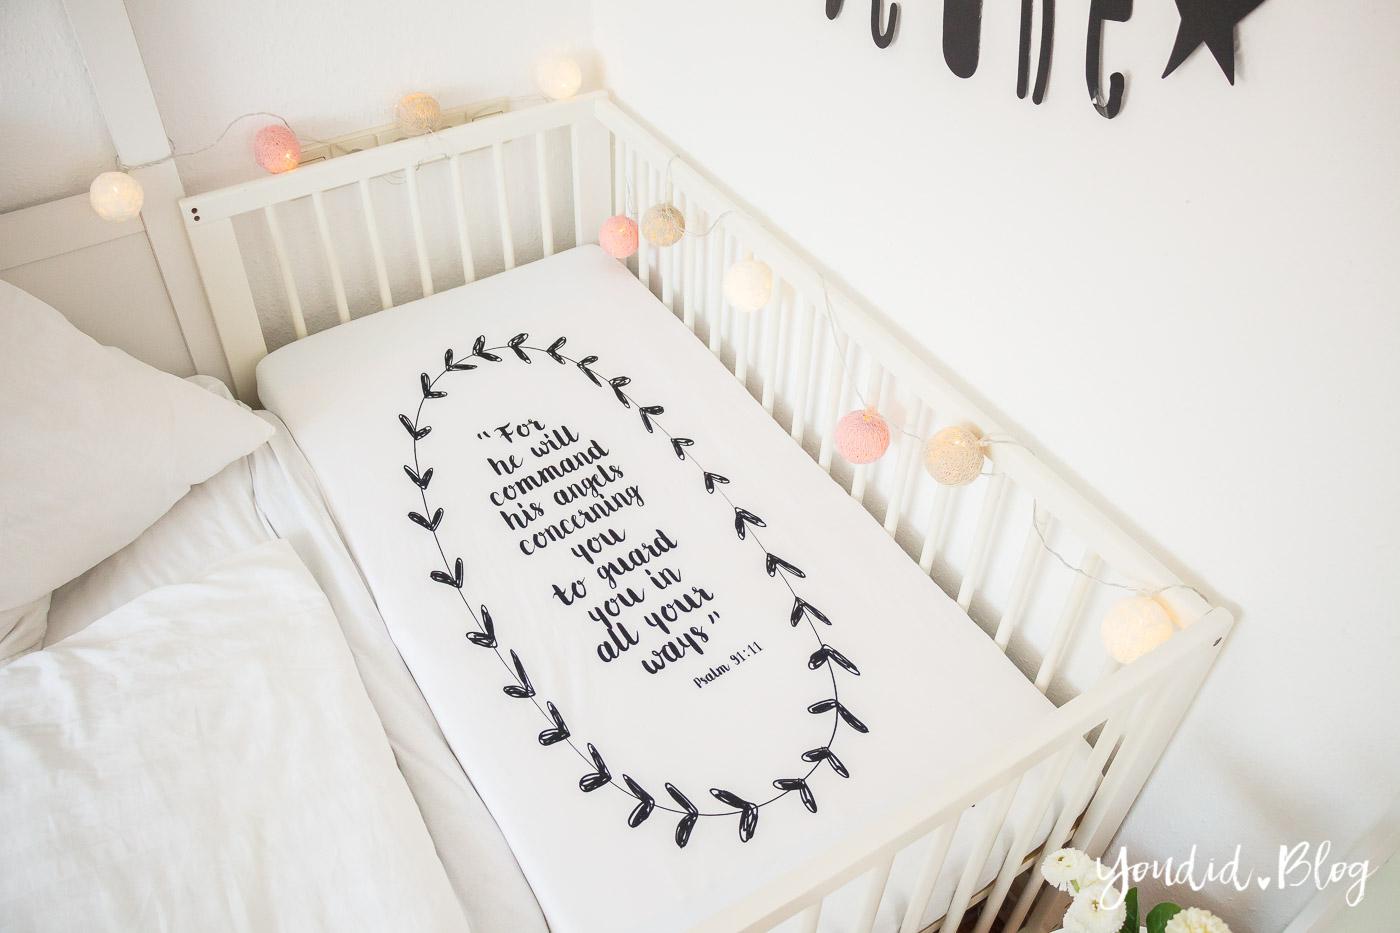 familienbett beistellbett oder babybett im kinderzimmer verlosung youdid. Black Bedroom Furniture Sets. Home Design Ideas